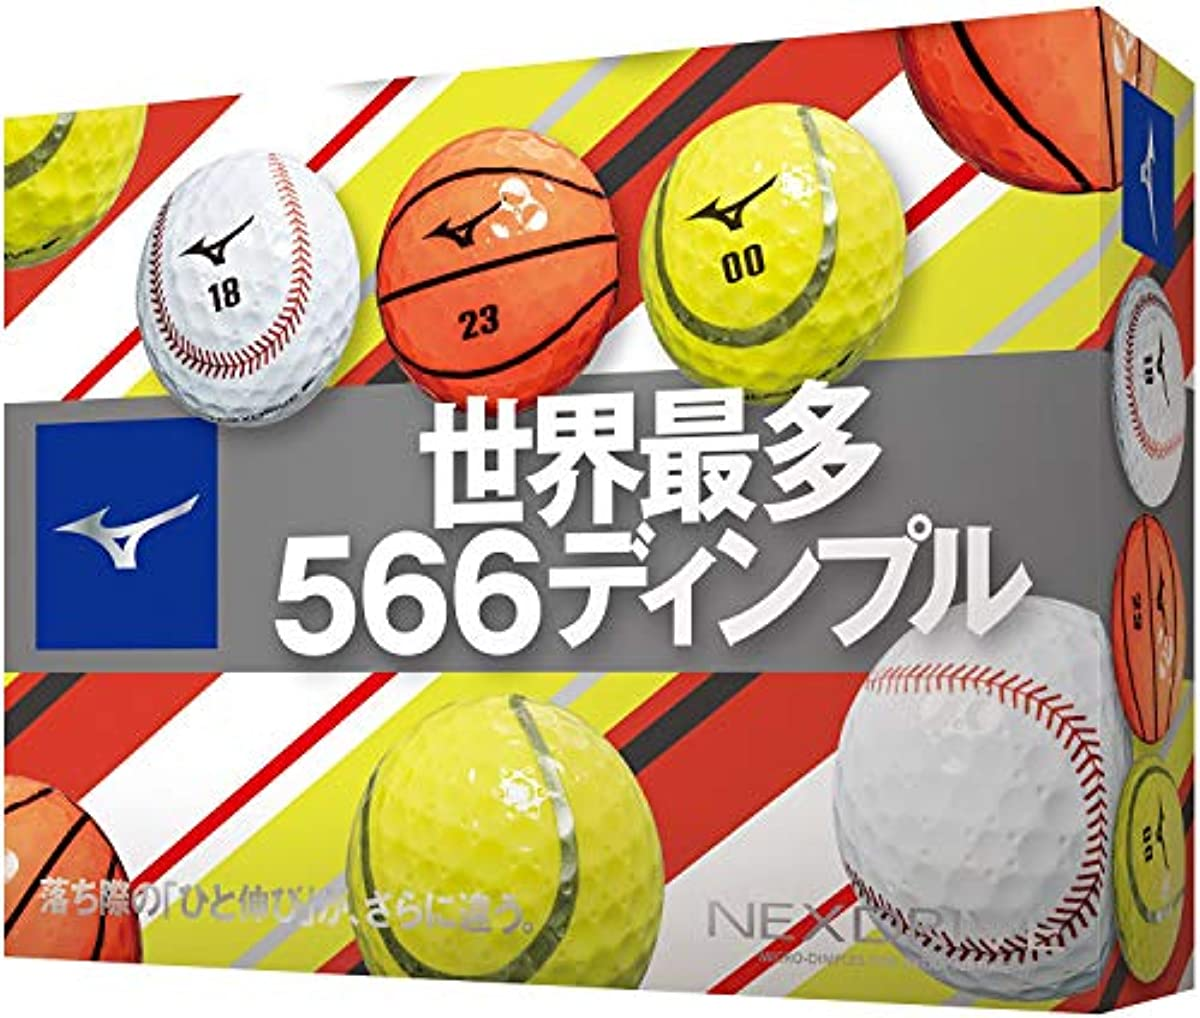 [해외] MIZUNO(미즈노) 골프 볼 네구스도라이부 스포츠 볼 1다스(12개 들이) 5NJBM32070